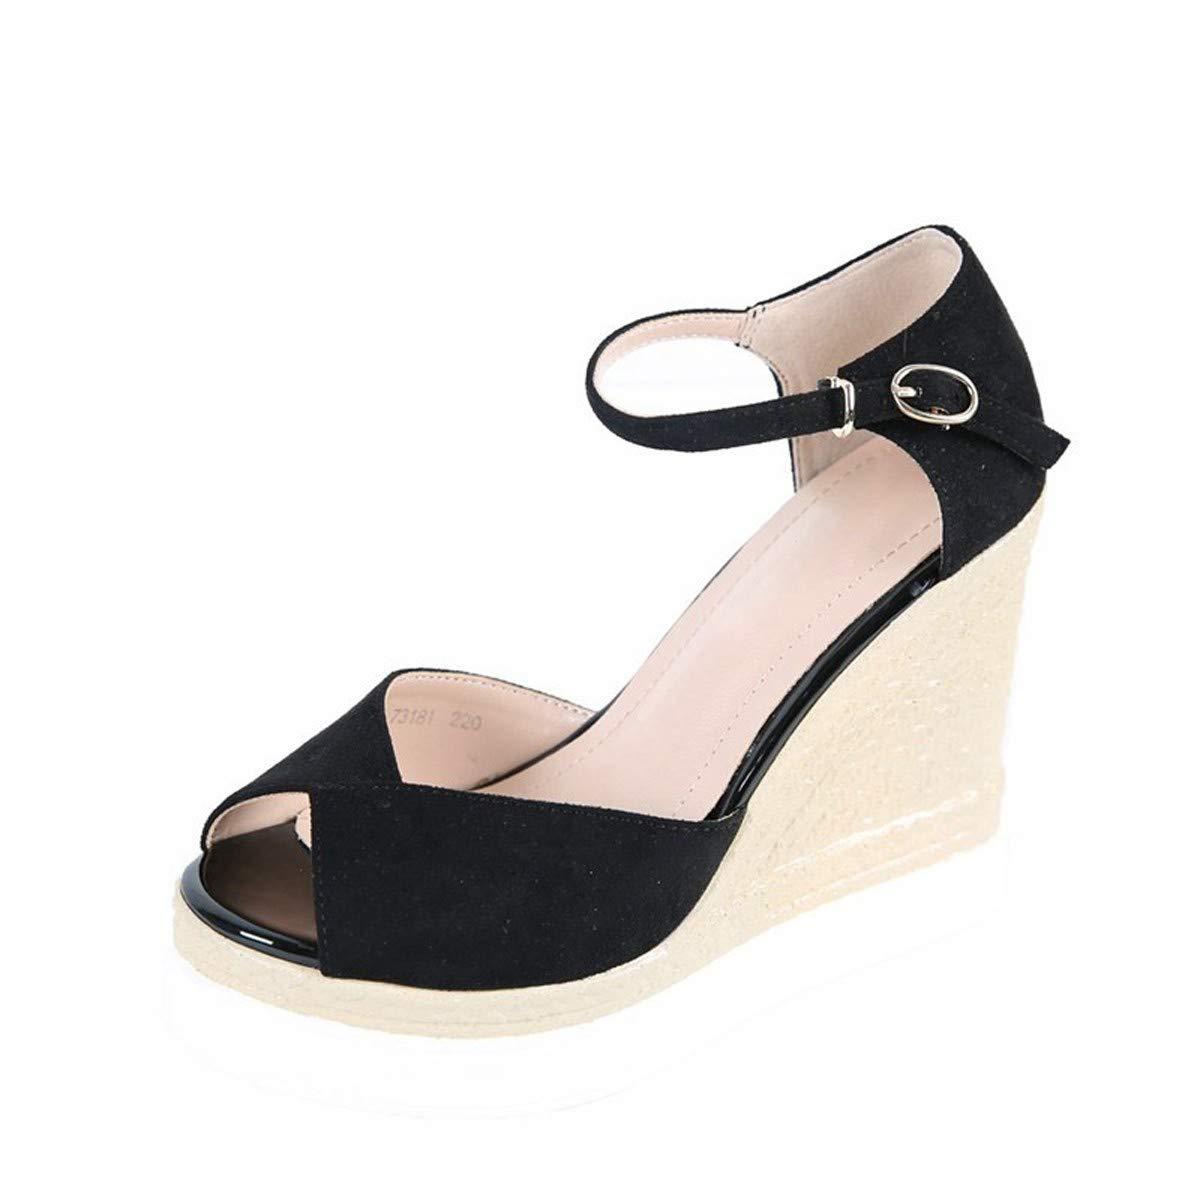 LBTSQ-Hang betuchte Sandalen Hochhackige Schuhe mit Dicken Sohlen Wasserdicht 11cm Ein Wort an-Farb-Fisch im Mund Mode Damenschuhe